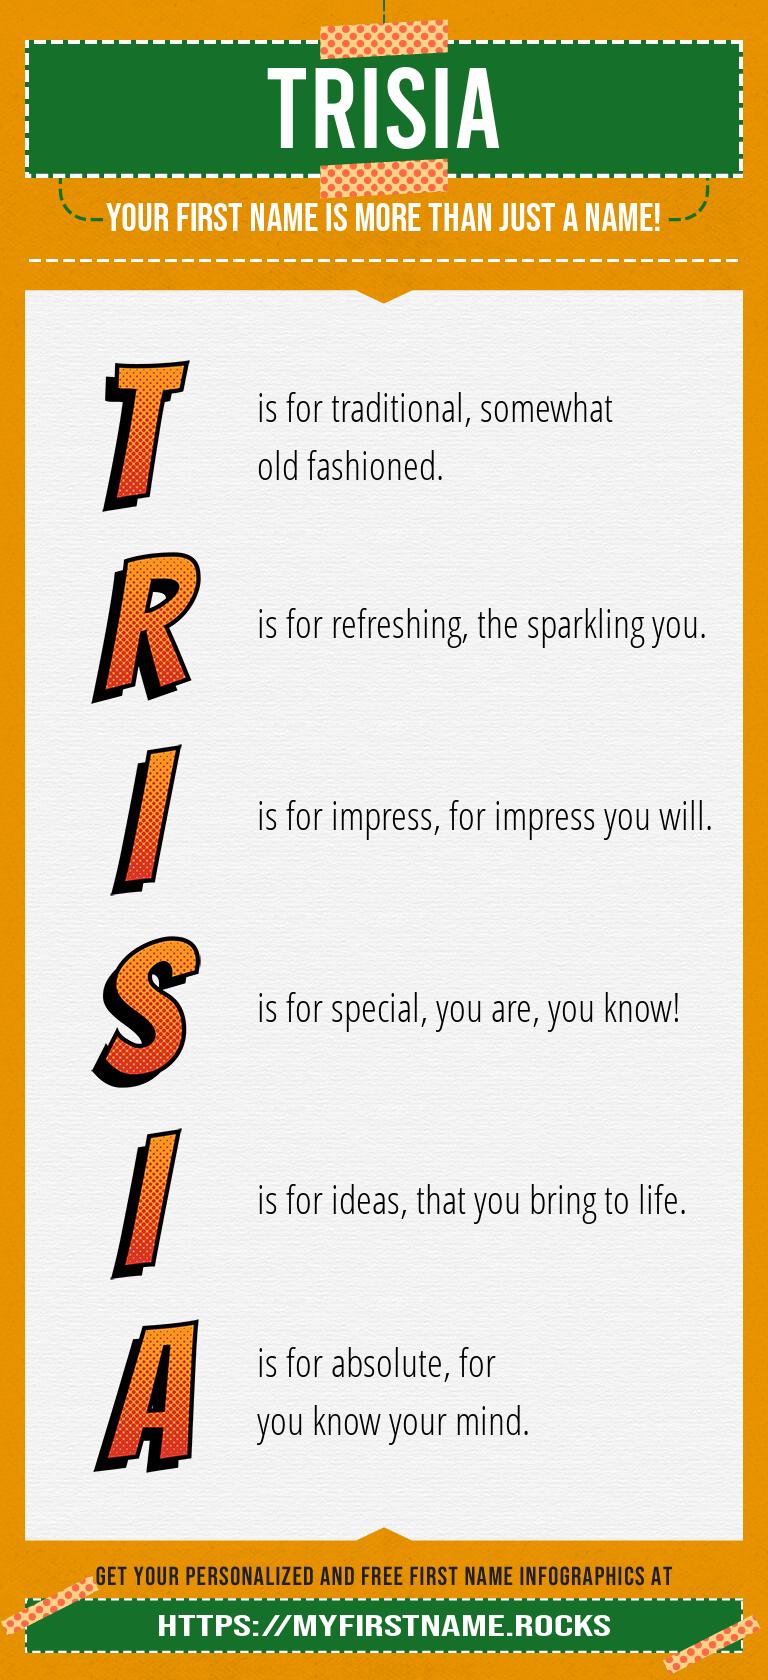 Trisia Infographics